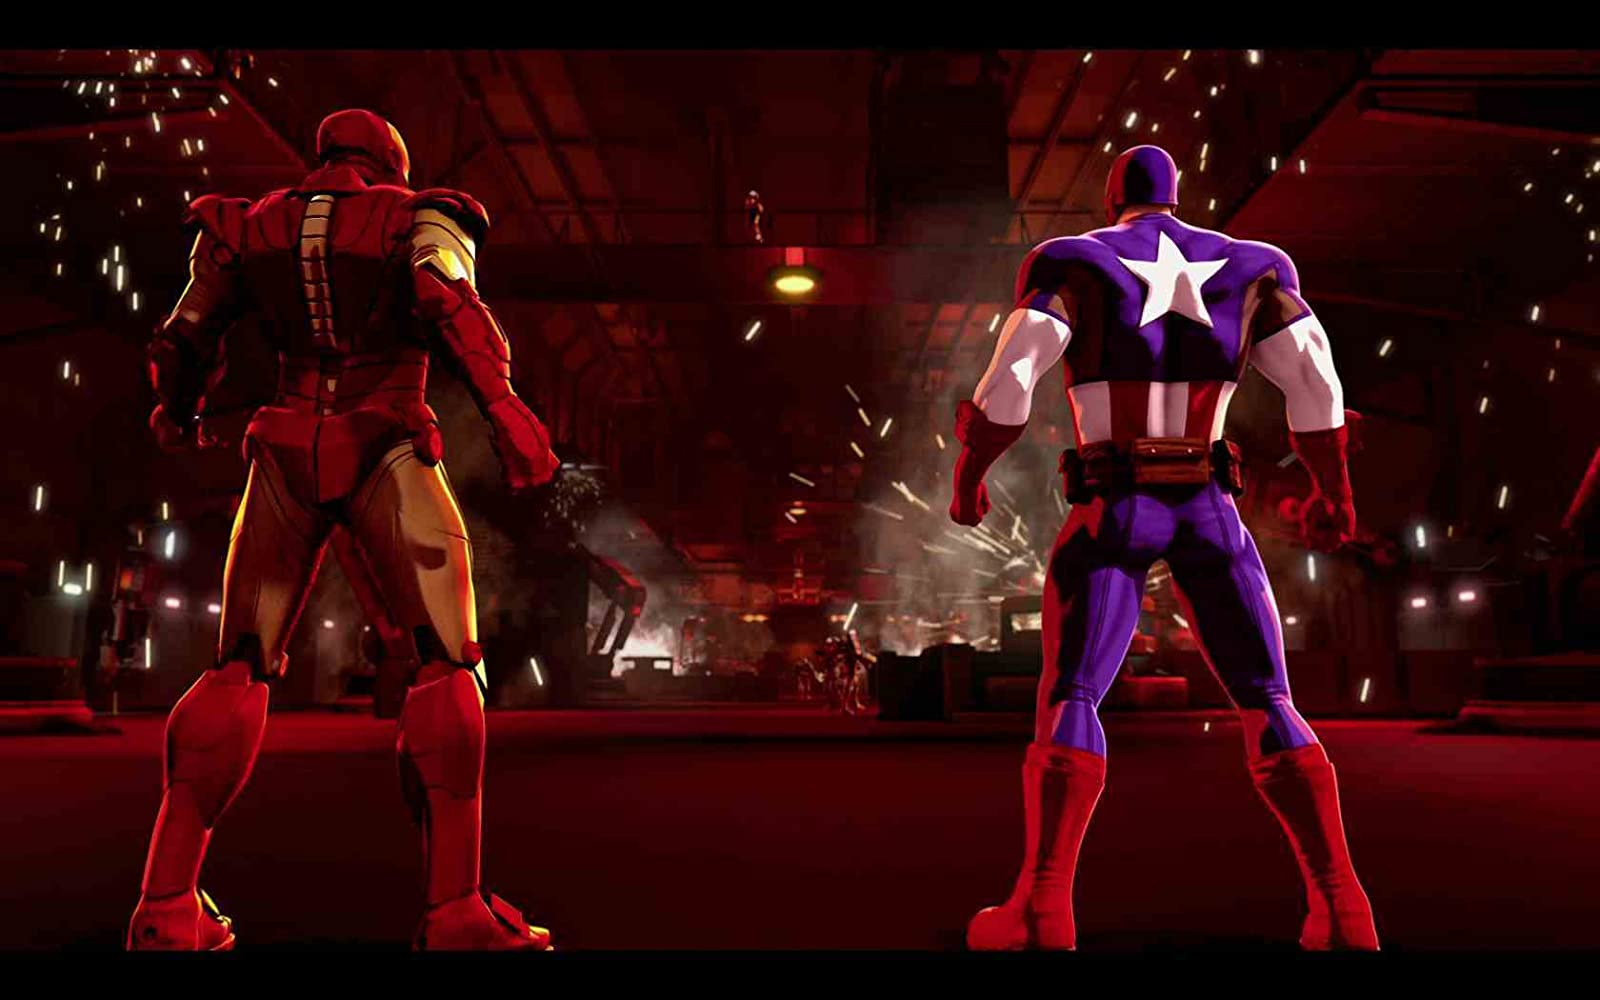 რკინის კაცი და კაპიტანი ამერიკა / Iron Man and Captain America: Heroes United